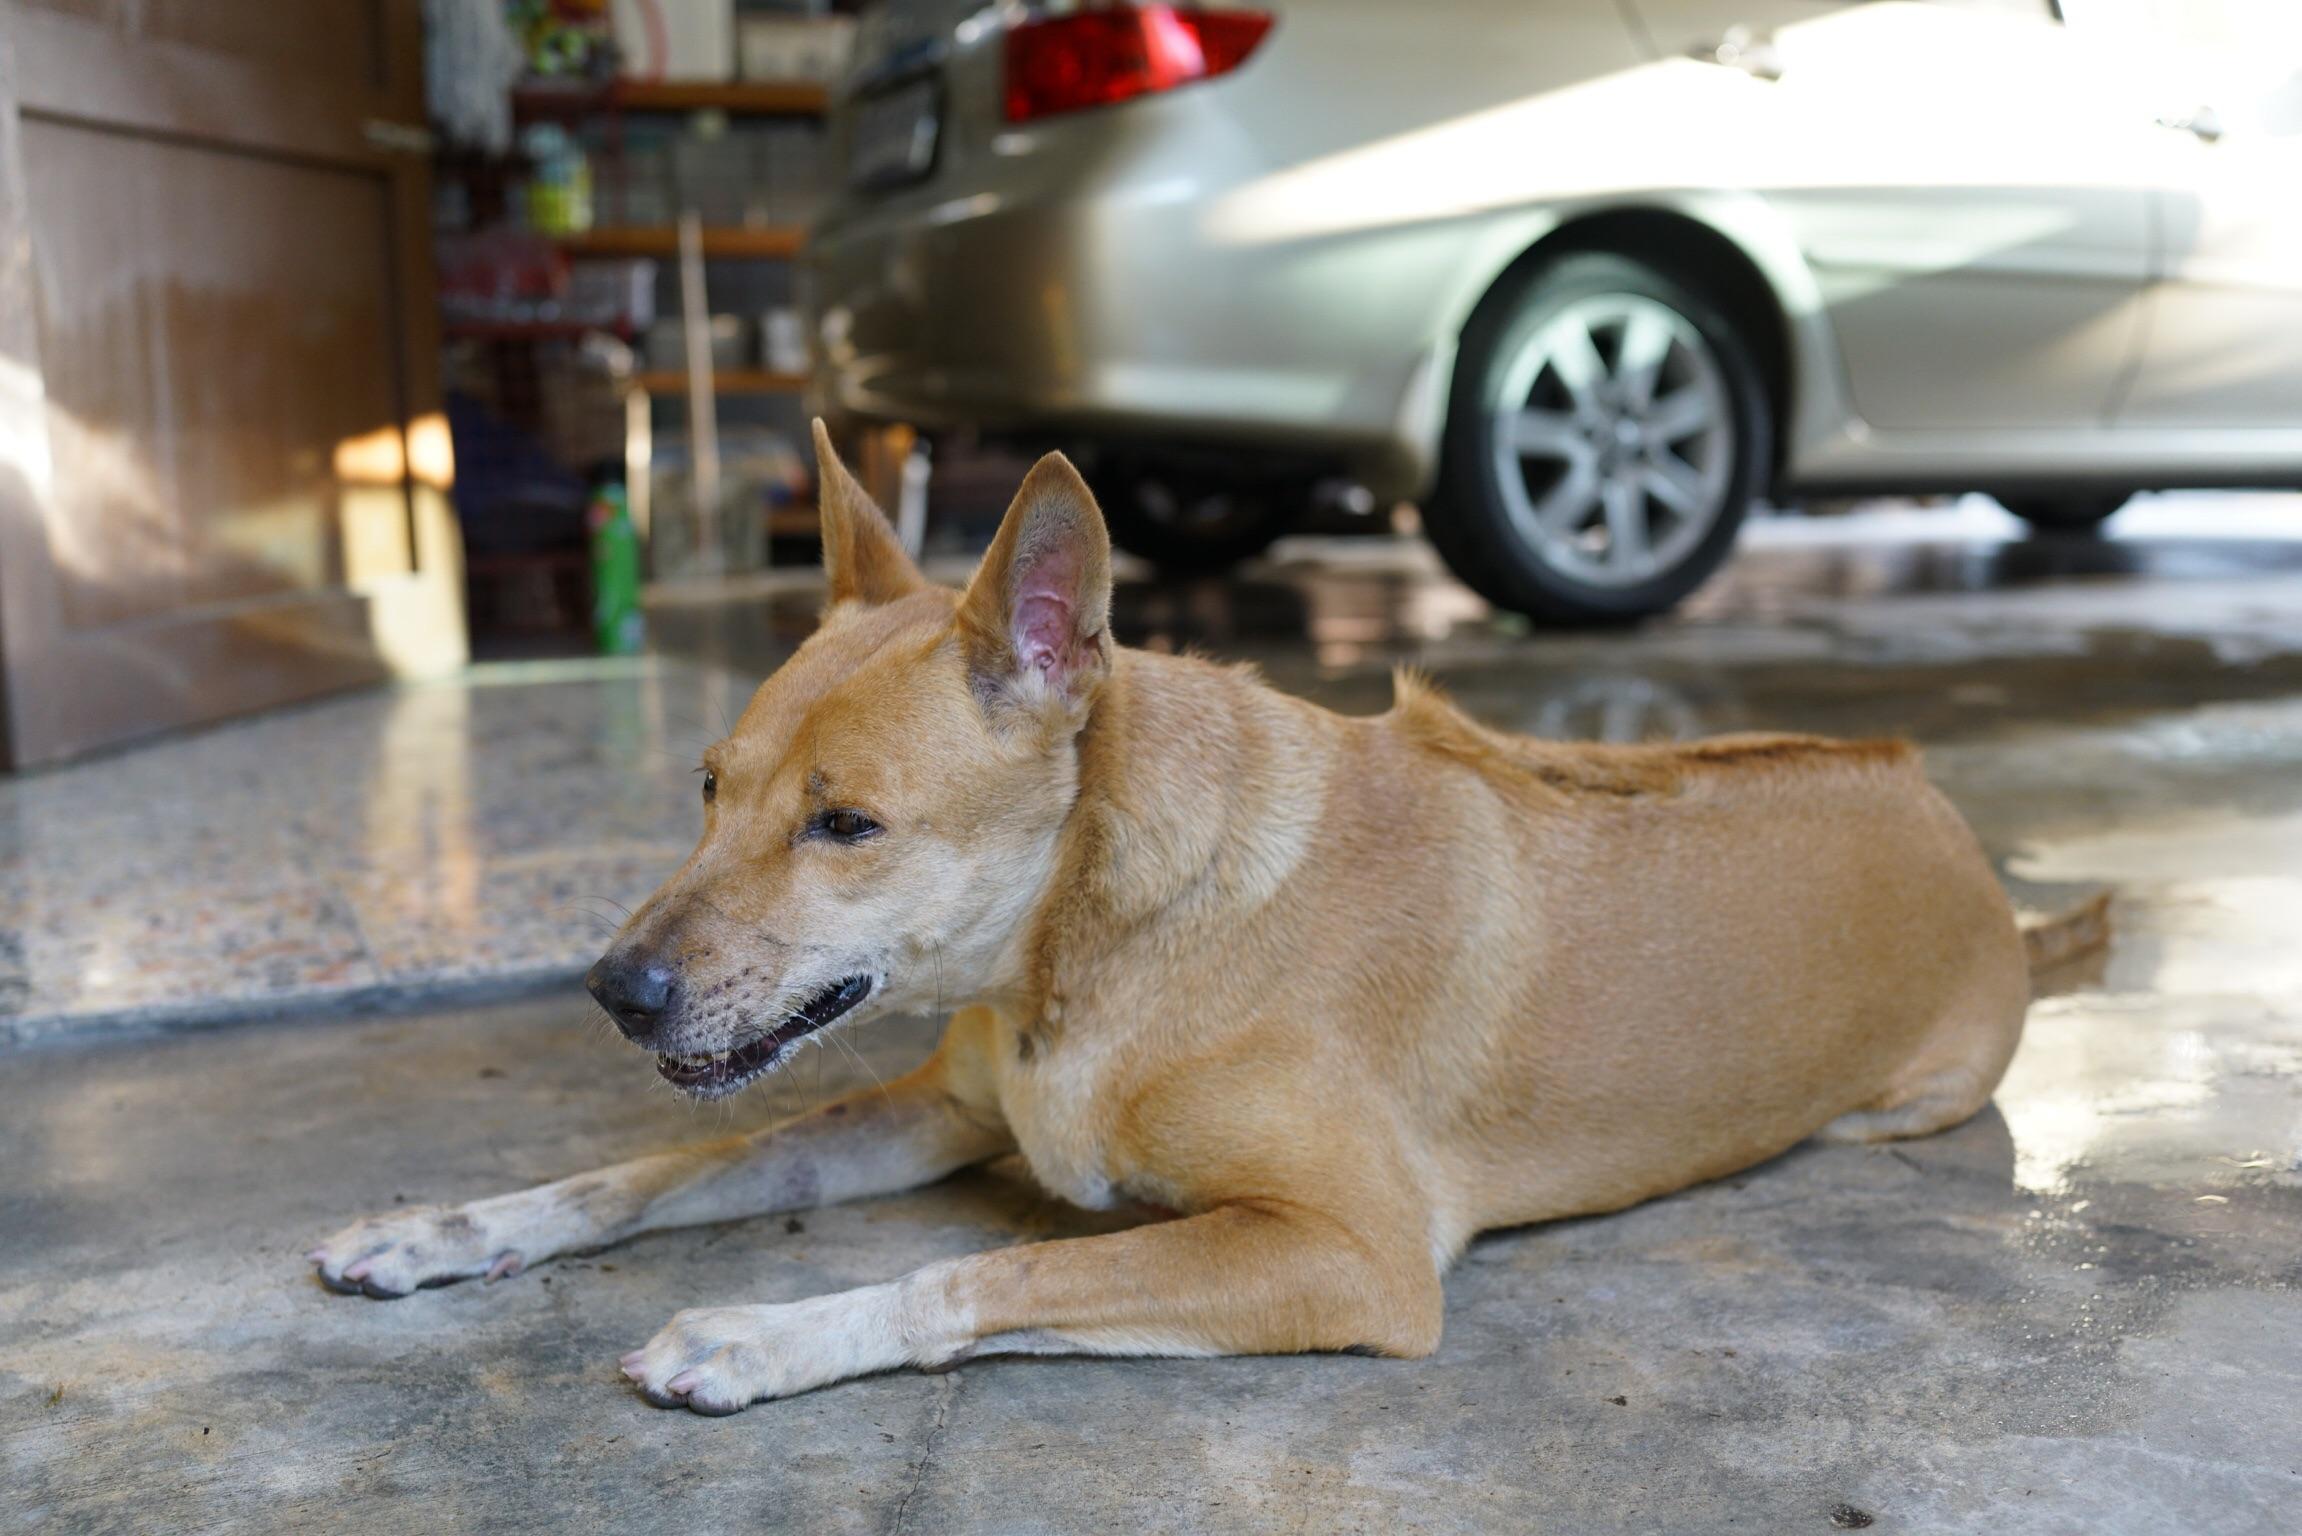 พิษสุนัขหรือบาดทะยัก อาการคล้ายกัน เรื่องจาก #Catclubguest